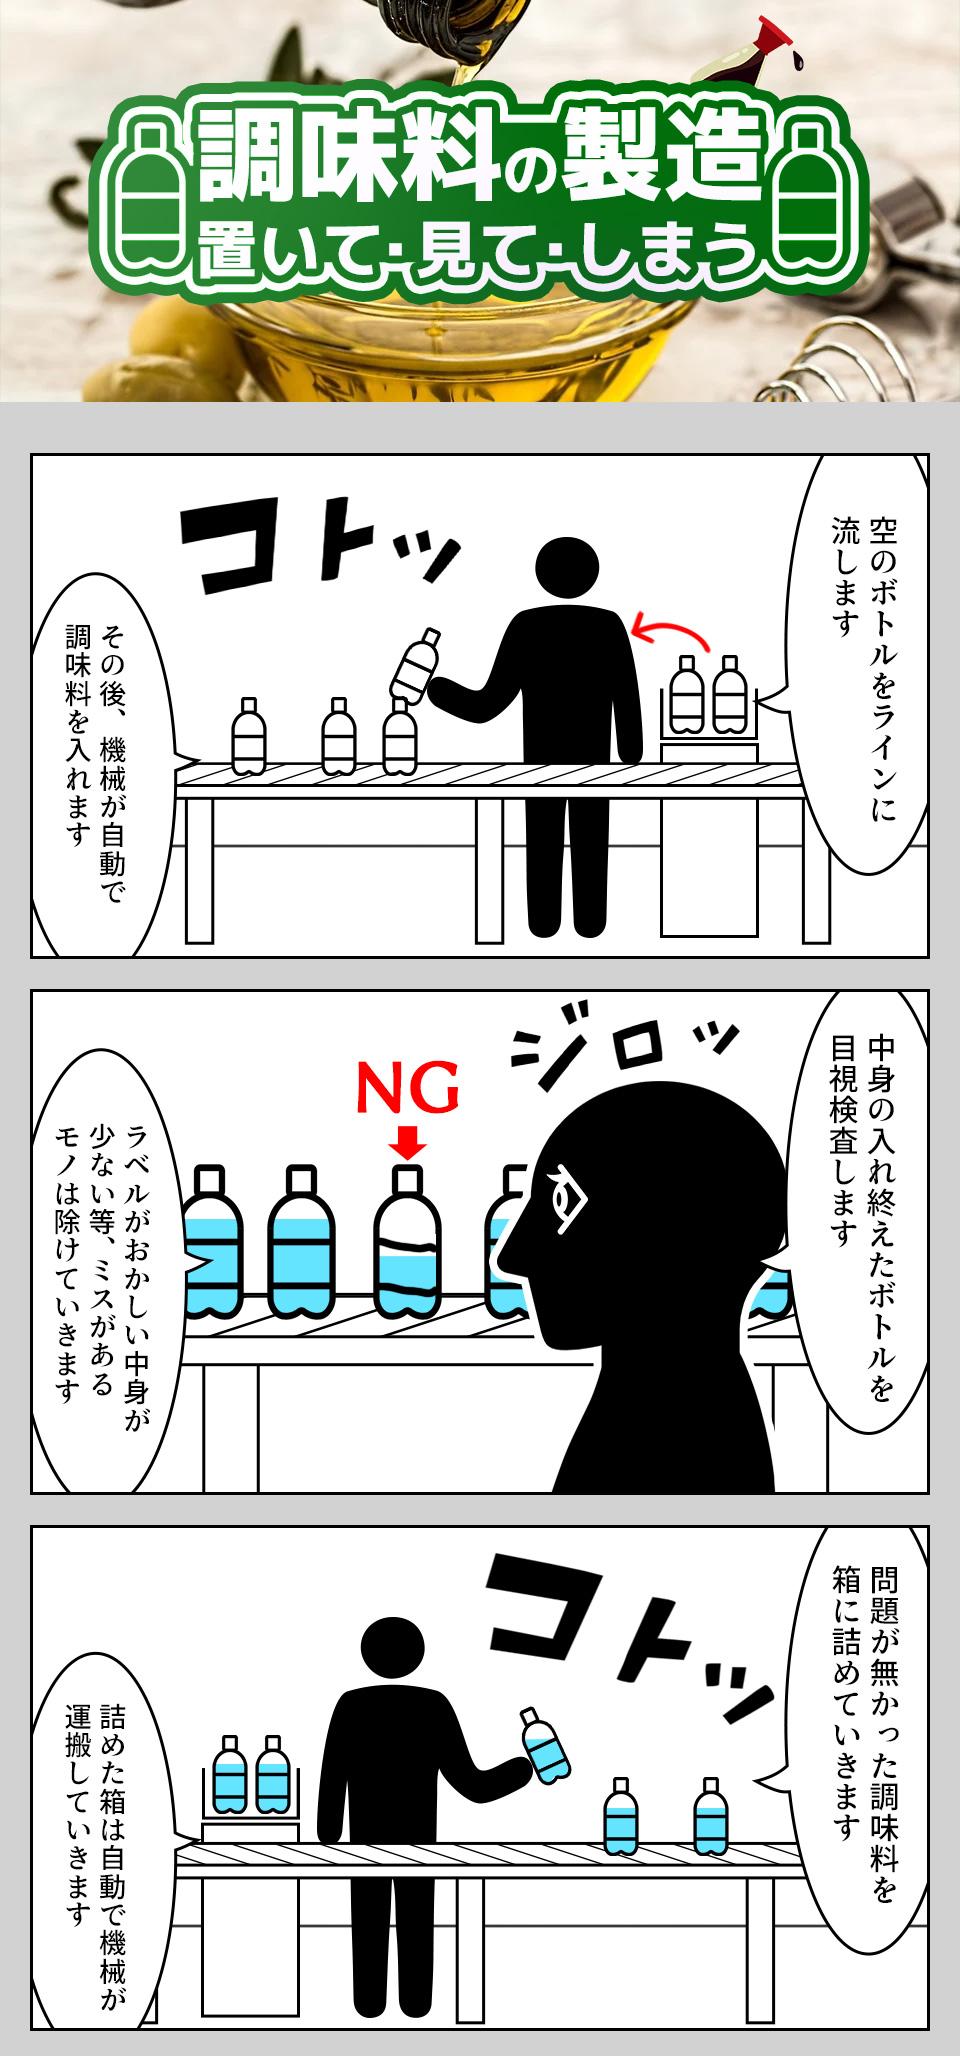 食品の検査・梱包 愛知県豊川市の派遣社員求人